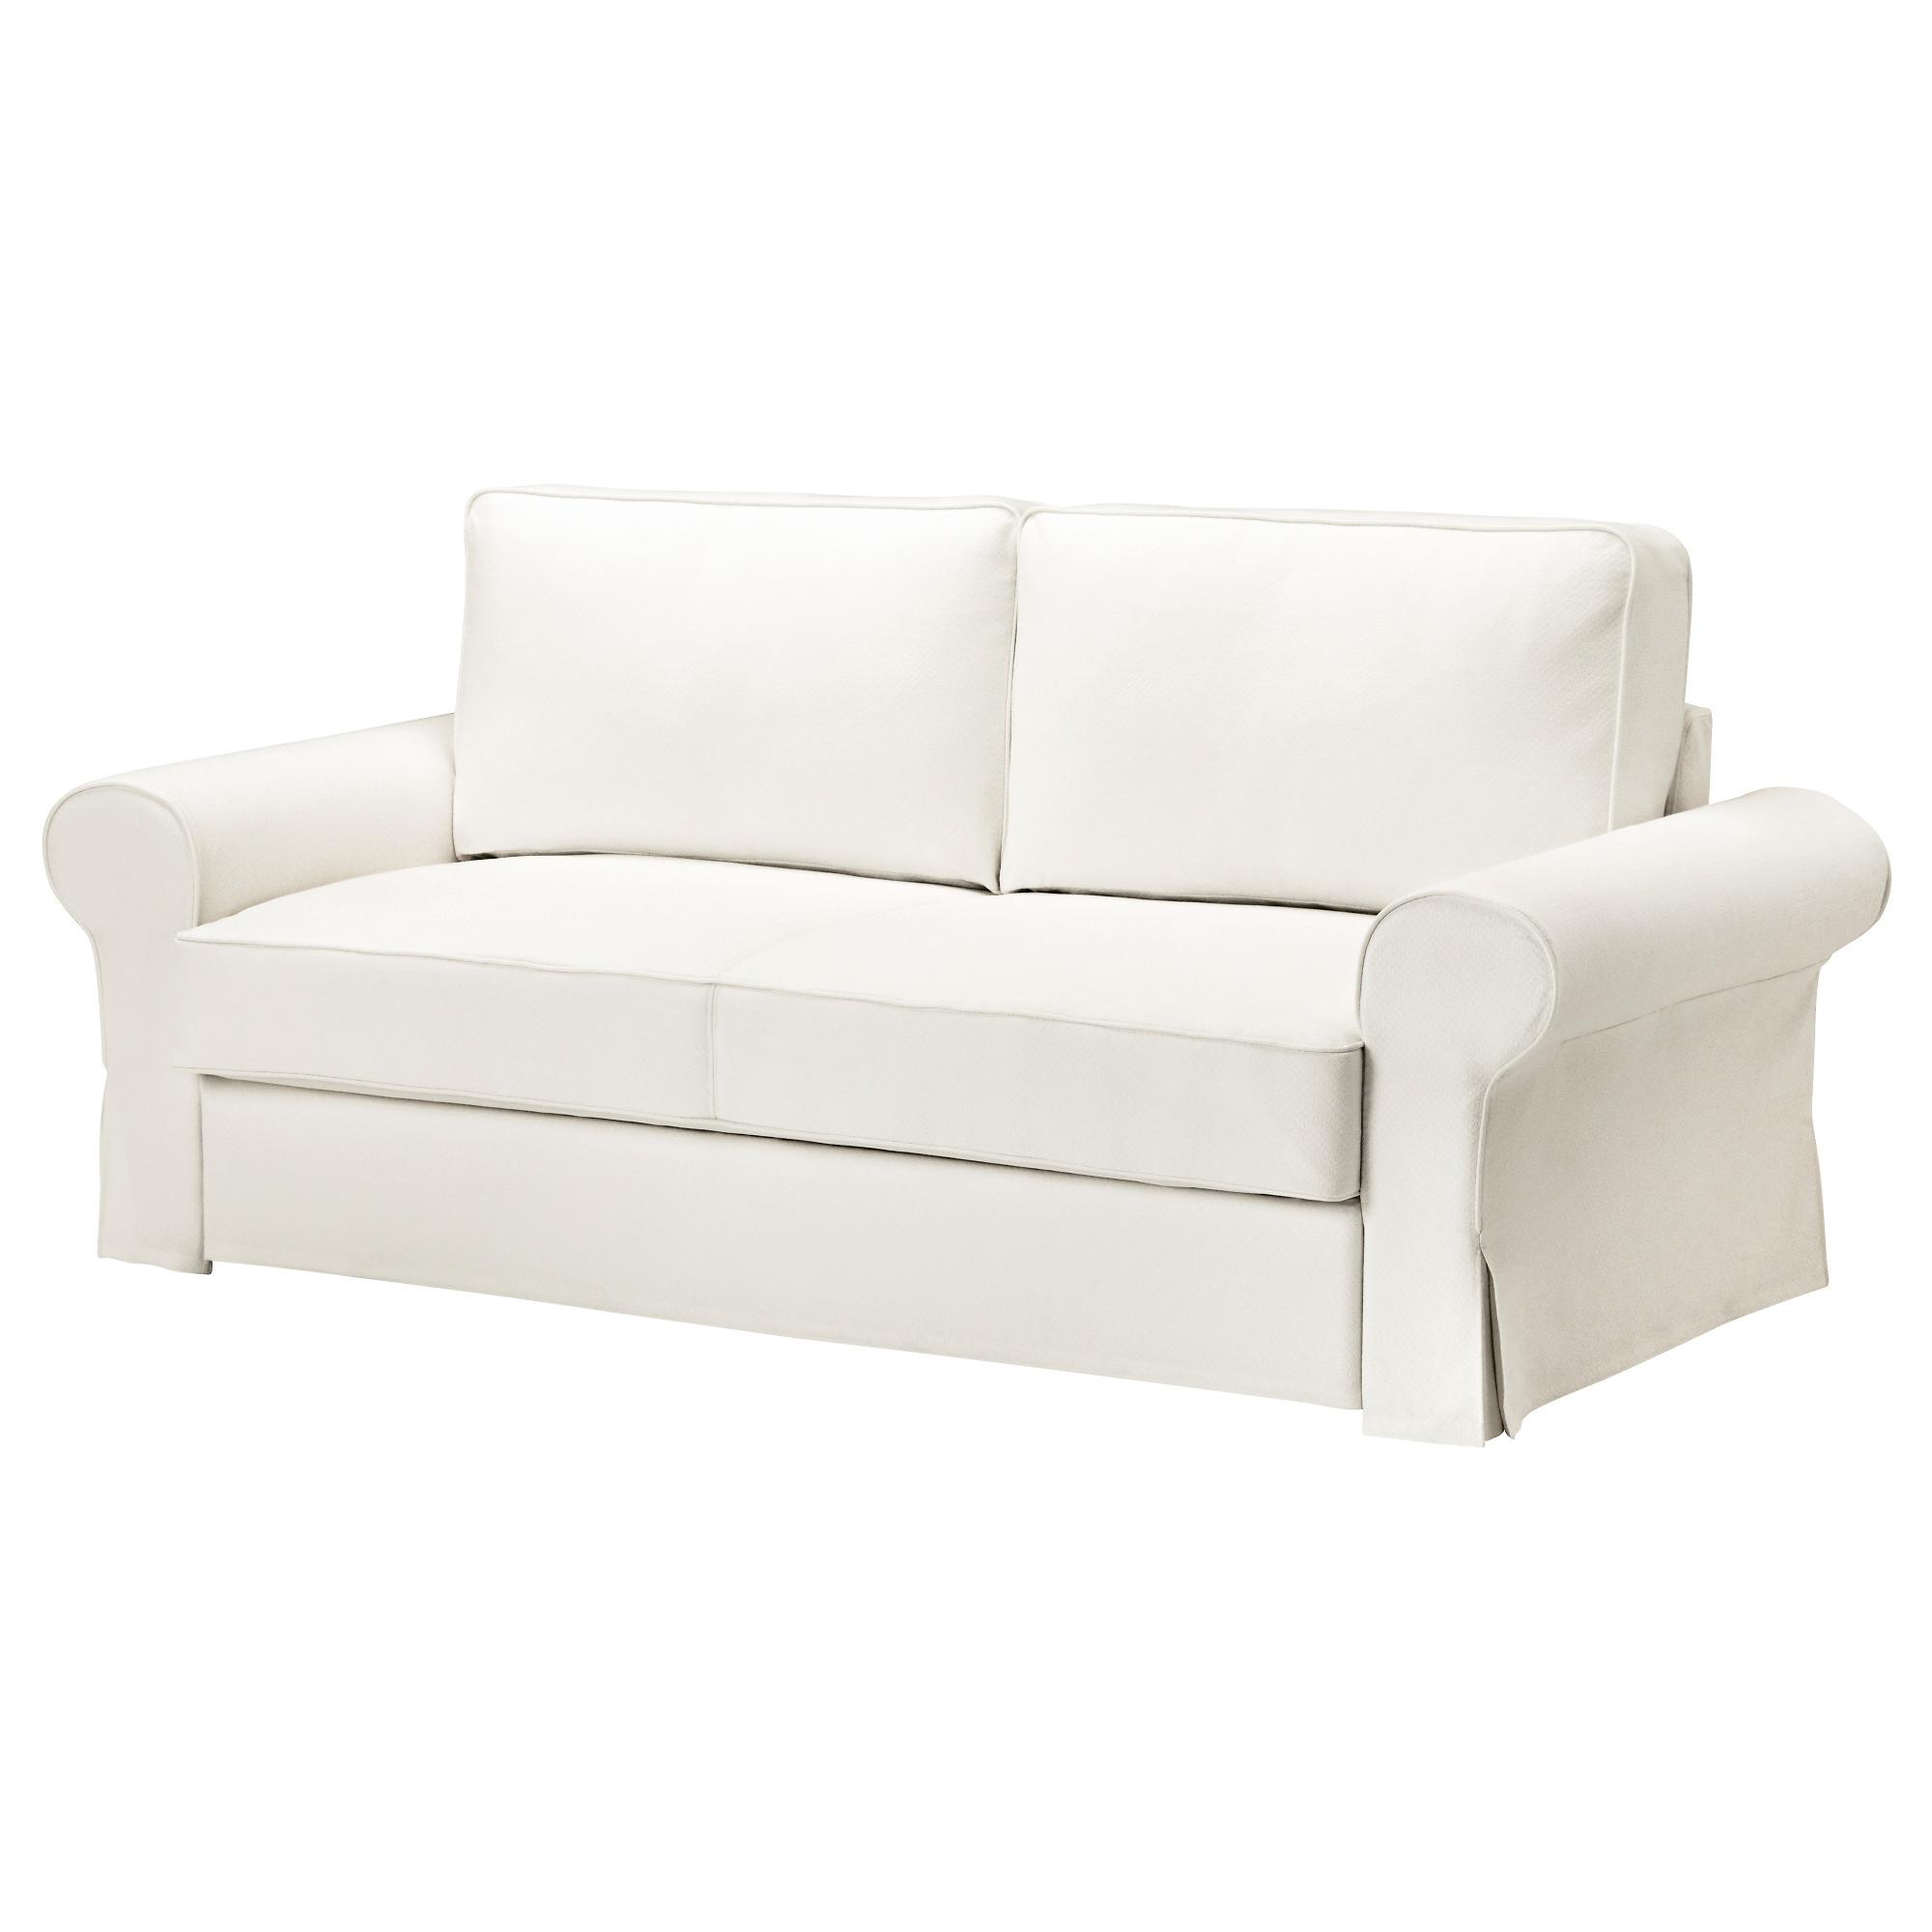 Диван-кровать 3-местный БАККАБРУ белый артикуль № 692.407.24 в наличии. Онлайн магазин ИКЕА РБ. Быстрая доставка и установка.